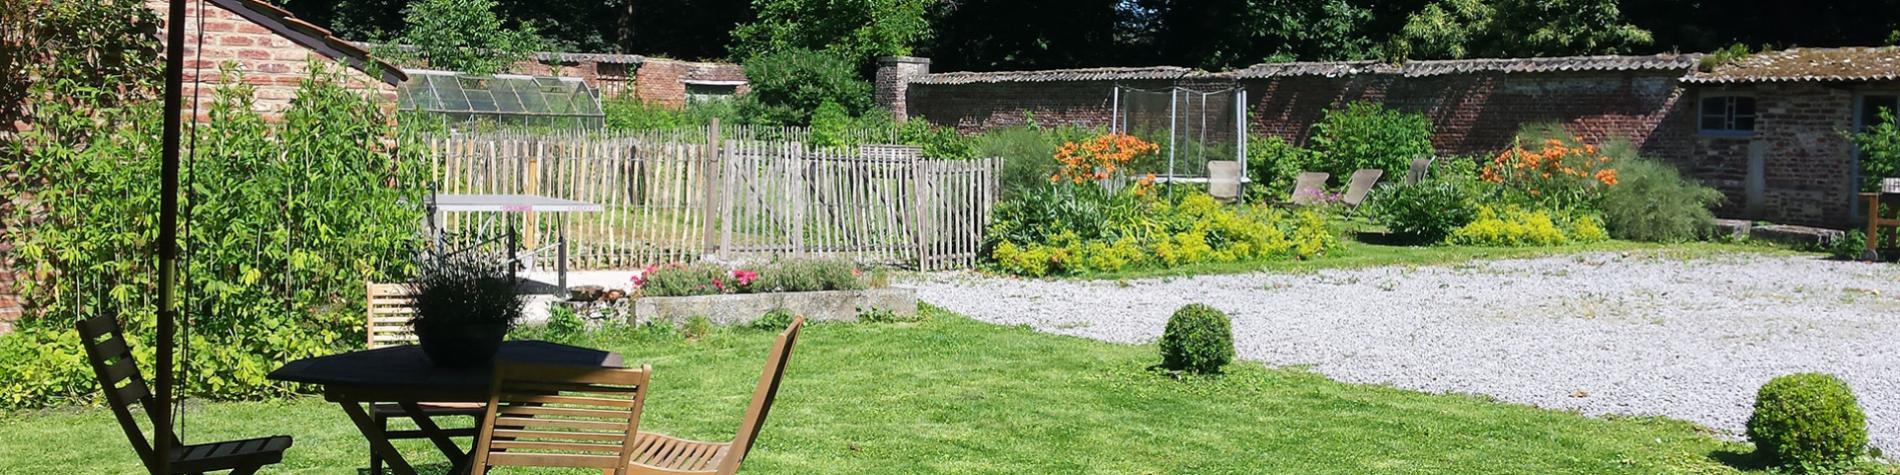 Gîte rural - Le Tulipier de l'Empereur - Waremme - 10 à 11 personnes - 4 chambres - jardin